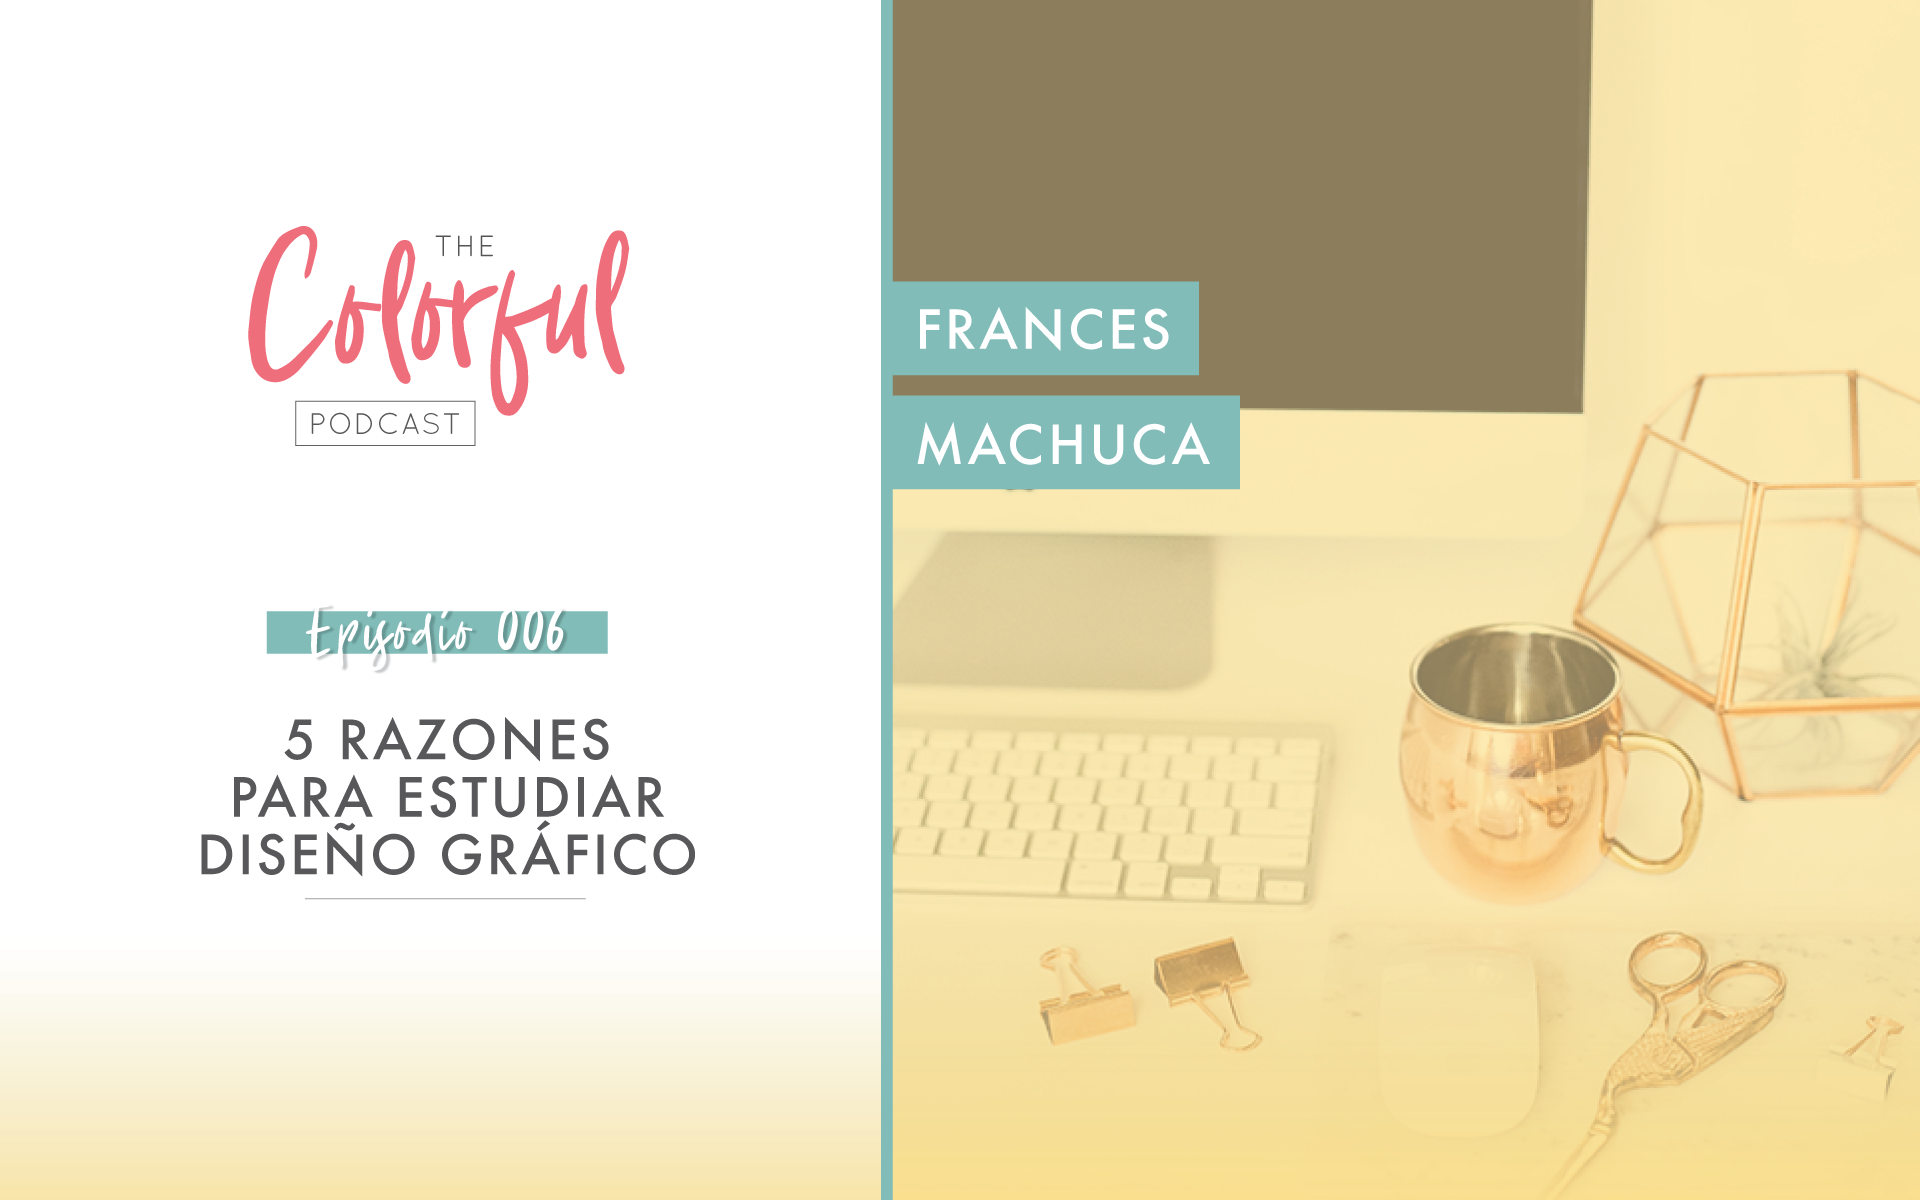 TCP: Ep.006 - 5 razones para estudiar Diseño Gráfico con Frances Machuca